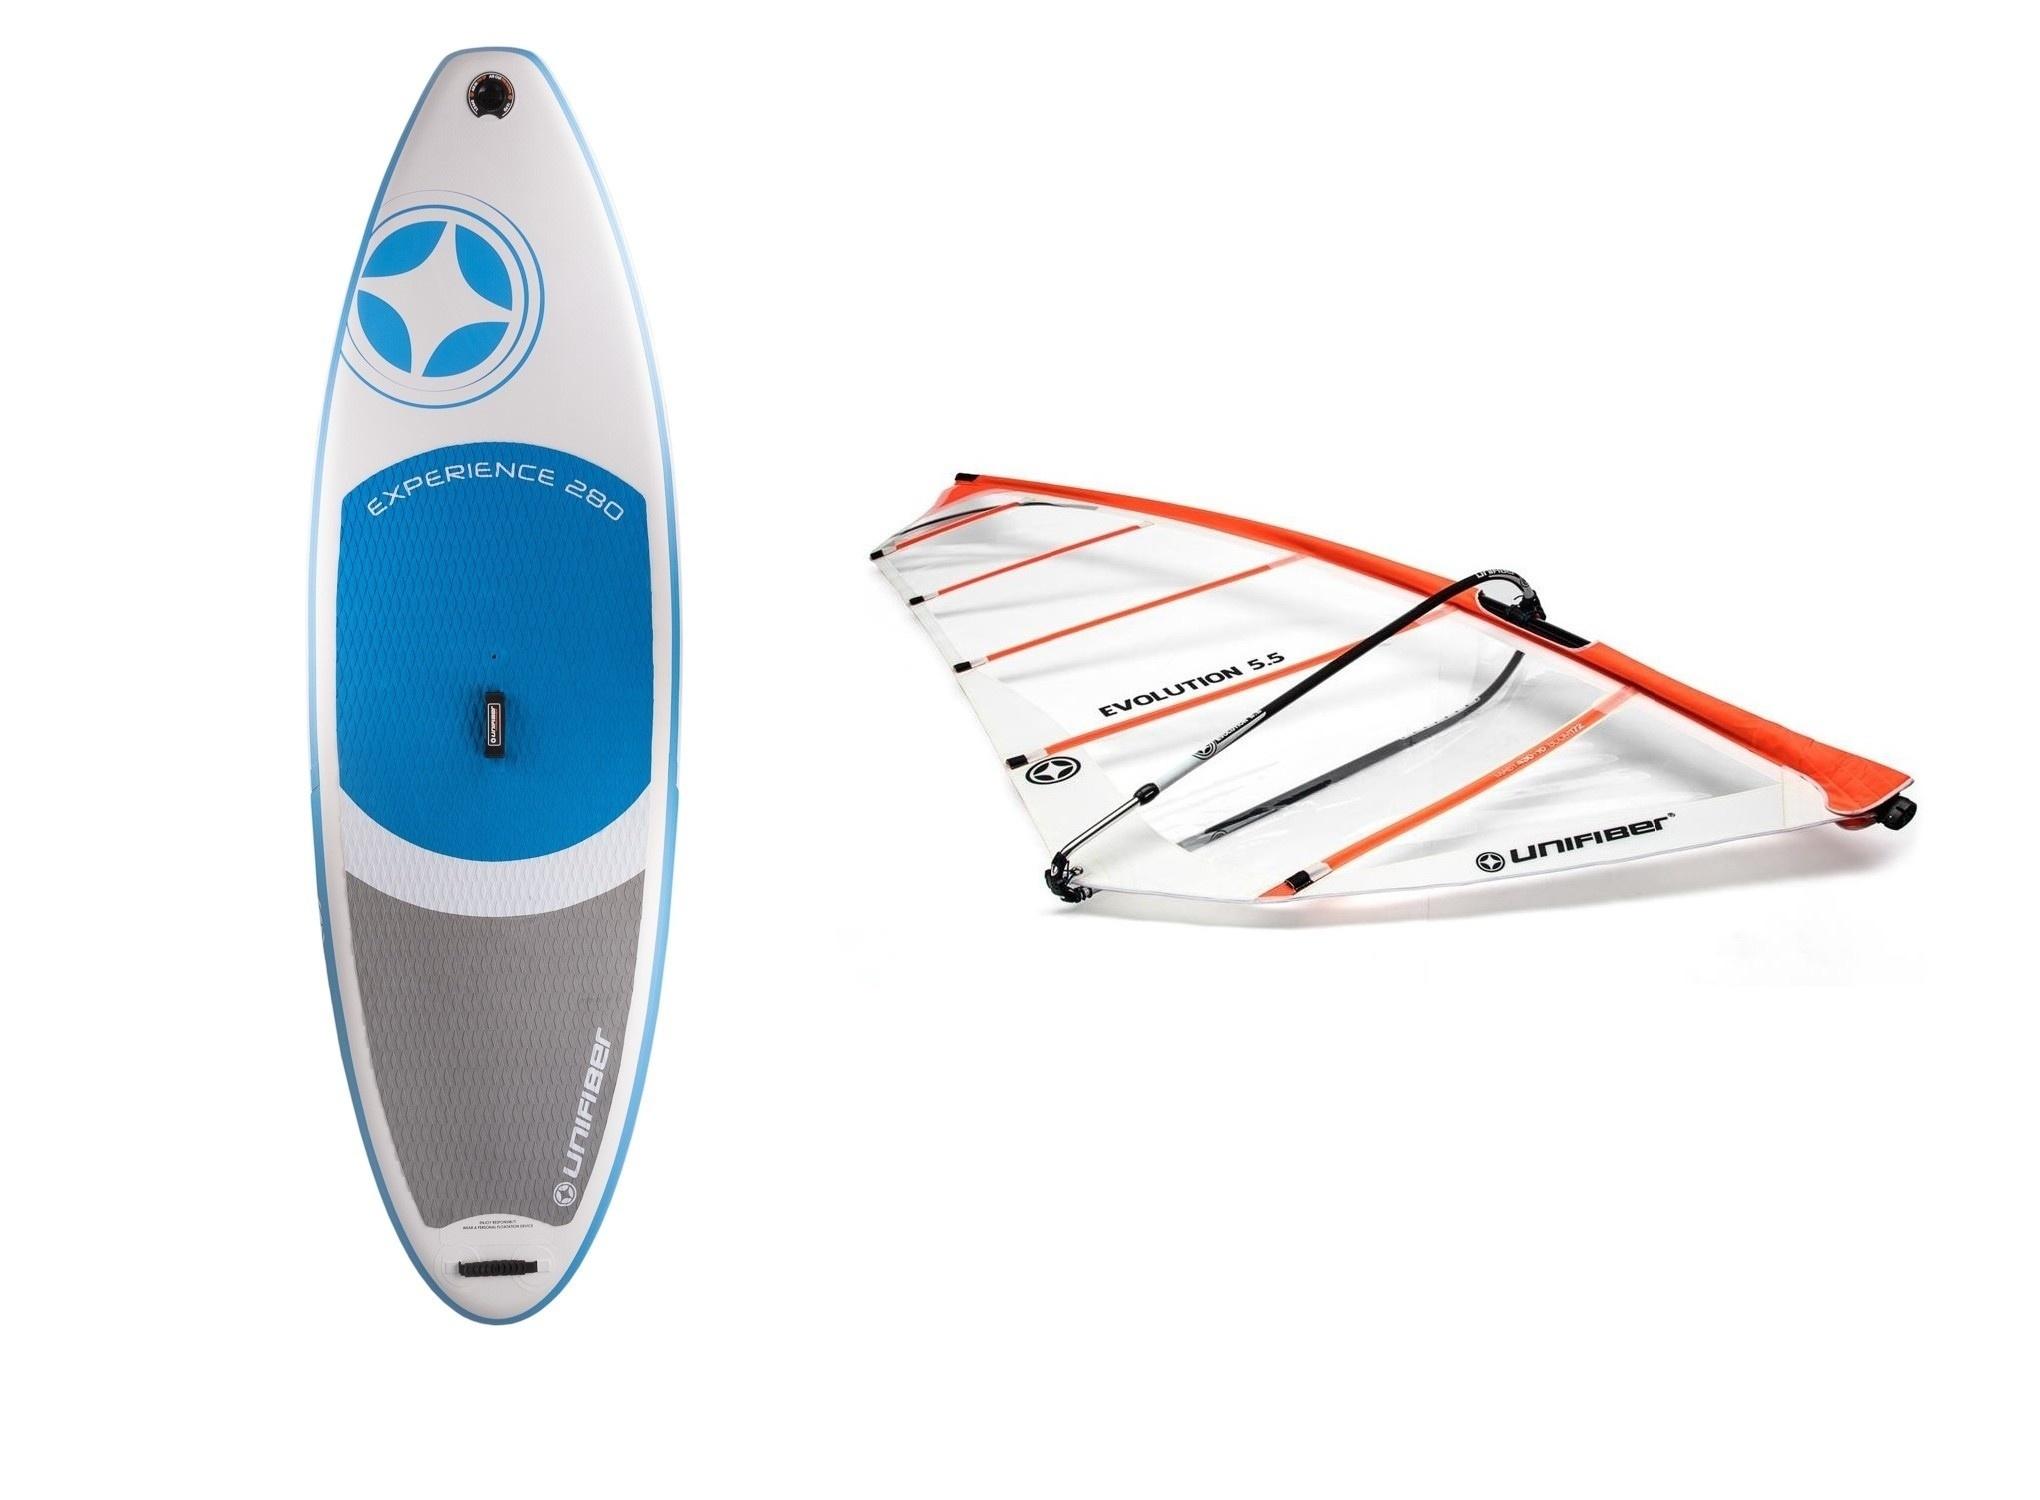 Opblaasbaar windsurfboard met compleet tuigage